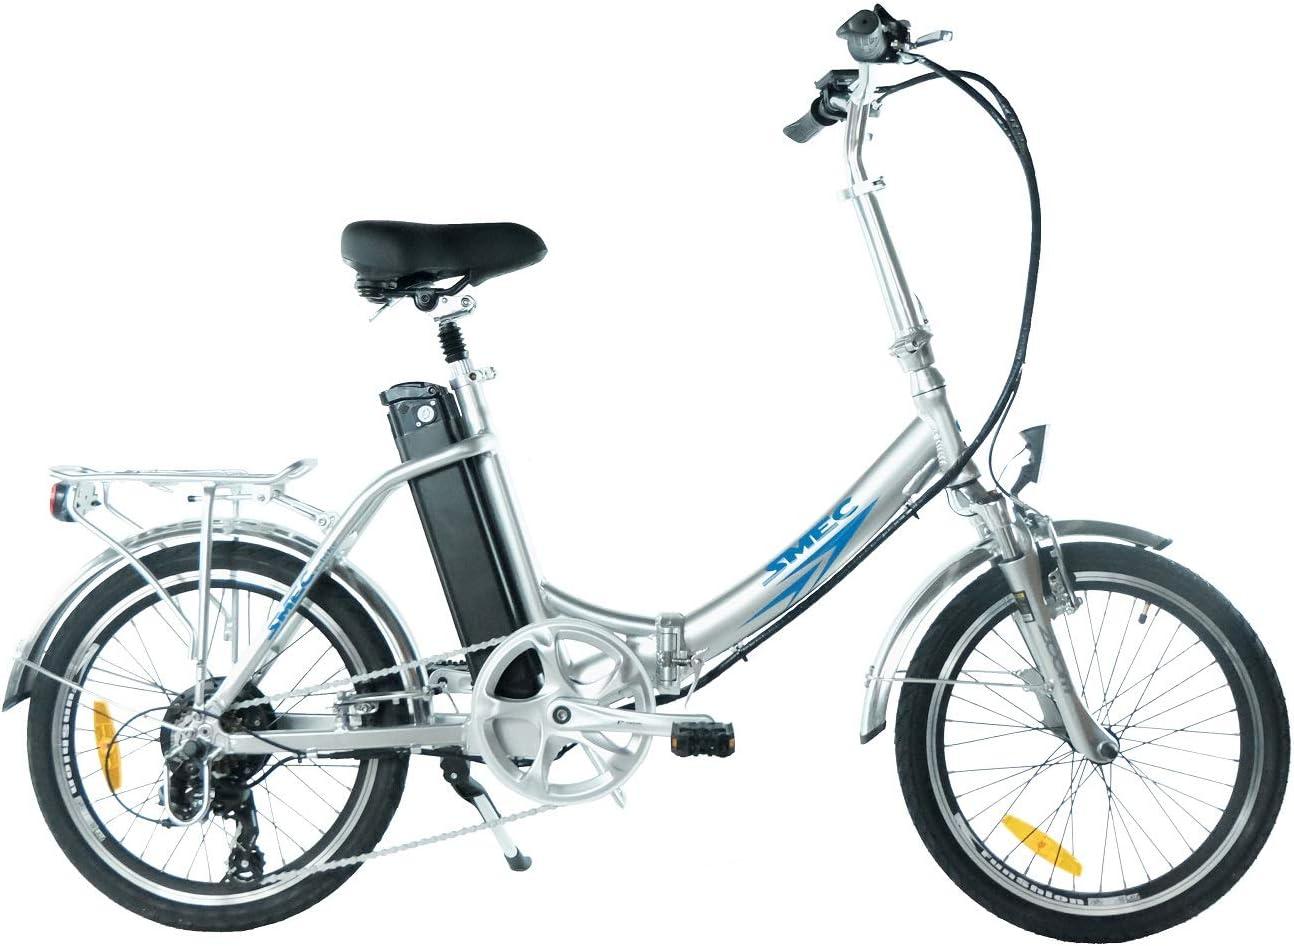 20 Pulgadas swemo aluminio – E-Bike/pedelec SW200 Modelo 2016 nuevo, color - plata, tamaño 20 pulgadas (50,8 cm), tamaño de rueda 20.00 inches: Amazon.es: Deportes y aire libre